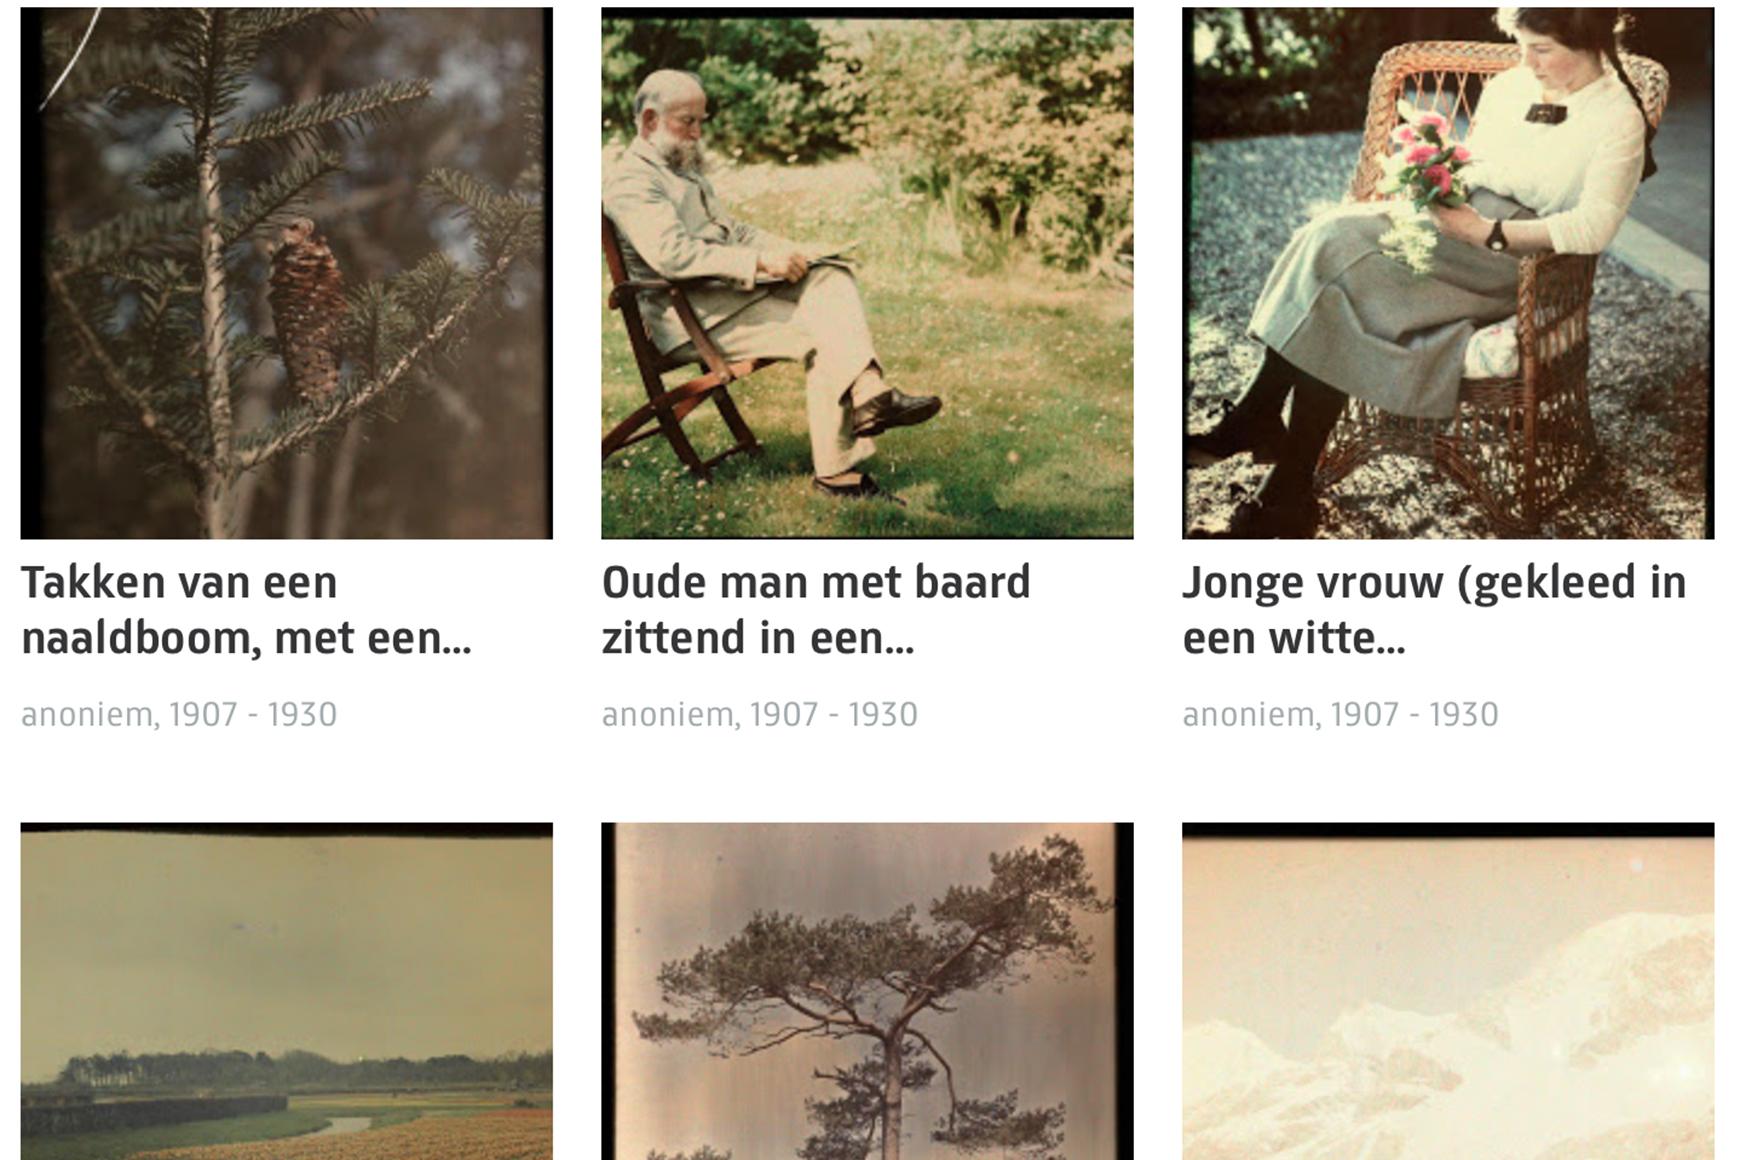 Twee beurzen voor onderzoek fotocollectie Rijksmuseum